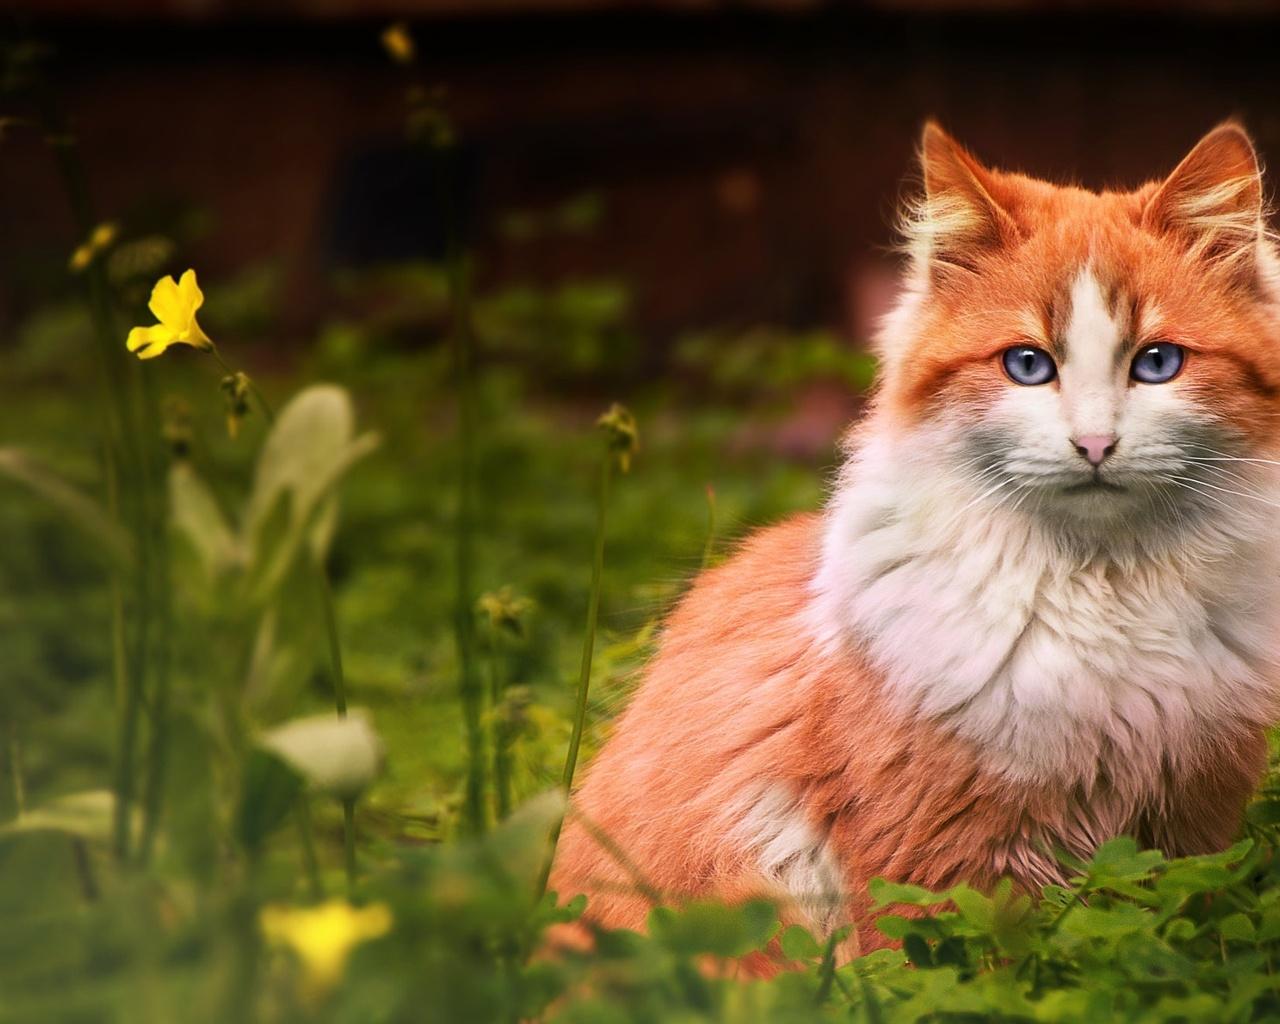 животное, кот, кошка, взгляд, природа, лето, трава